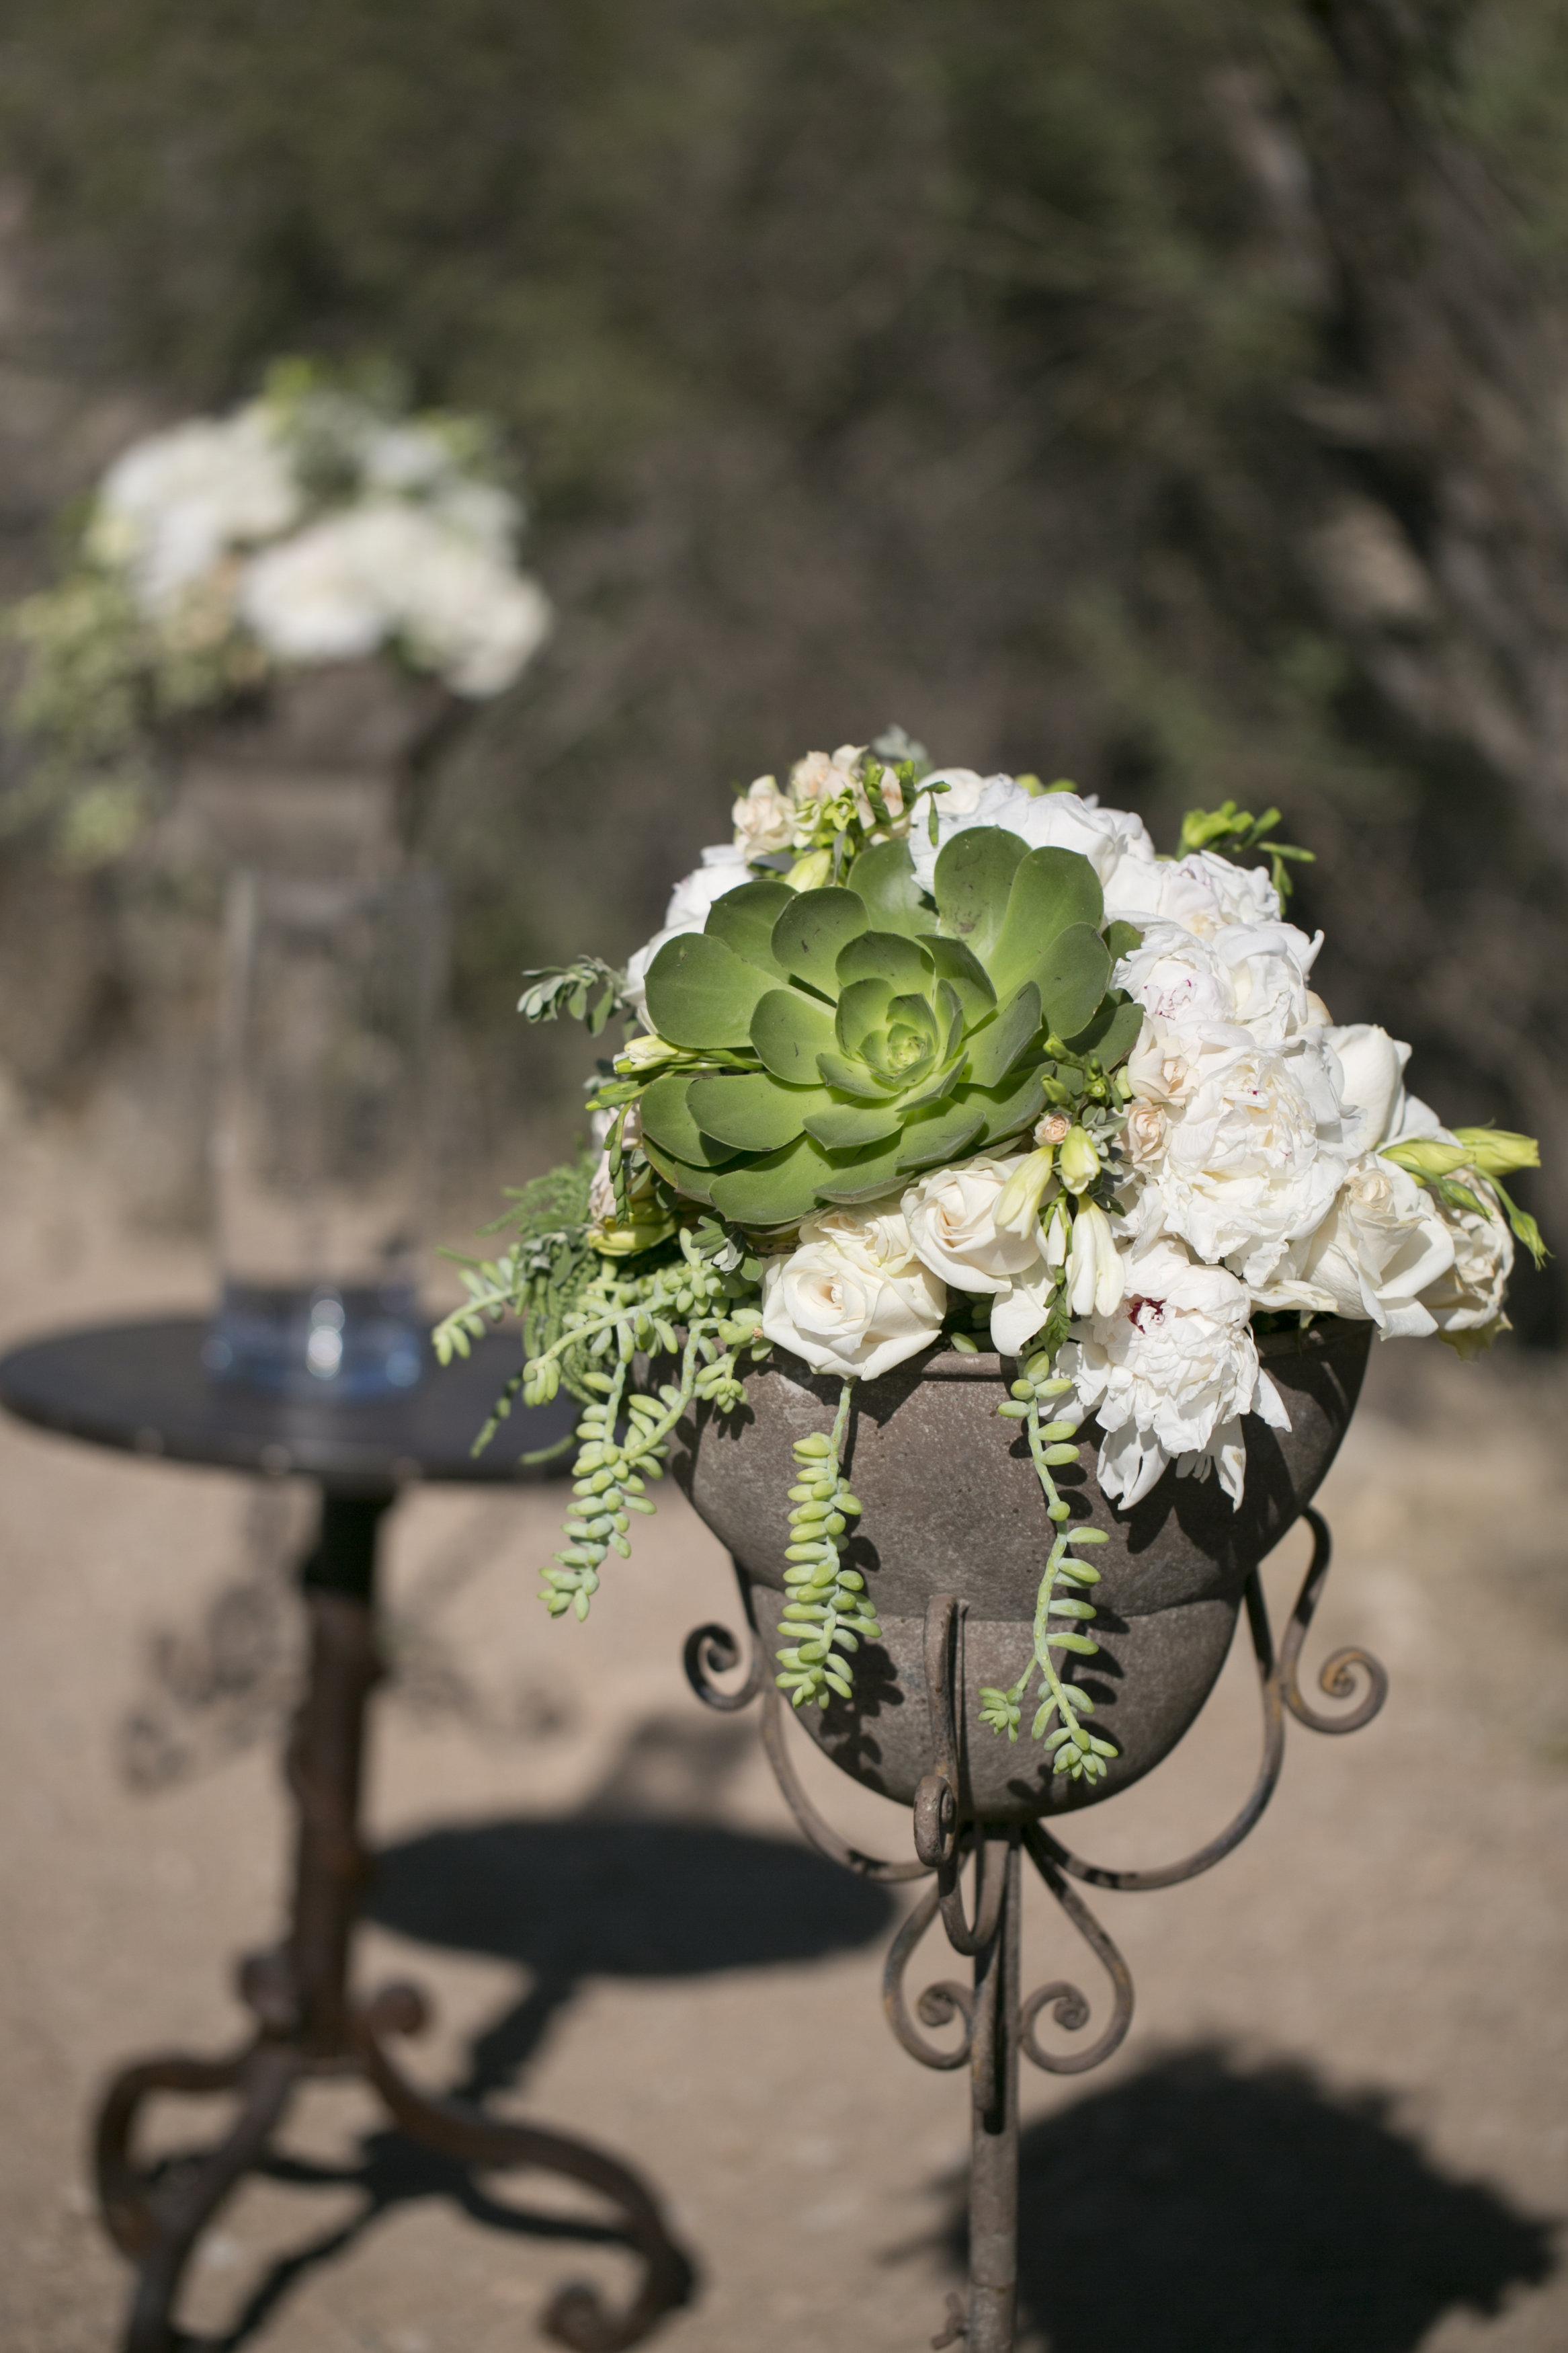 Ceci_New_York_Ceci_Style_Ceci_Johnson_Luxury_Lifestyle_Arizona_Wedding_Watercolor_Inspiration_Design_Custom_Couture_Personalized_Invitations_96.jpg